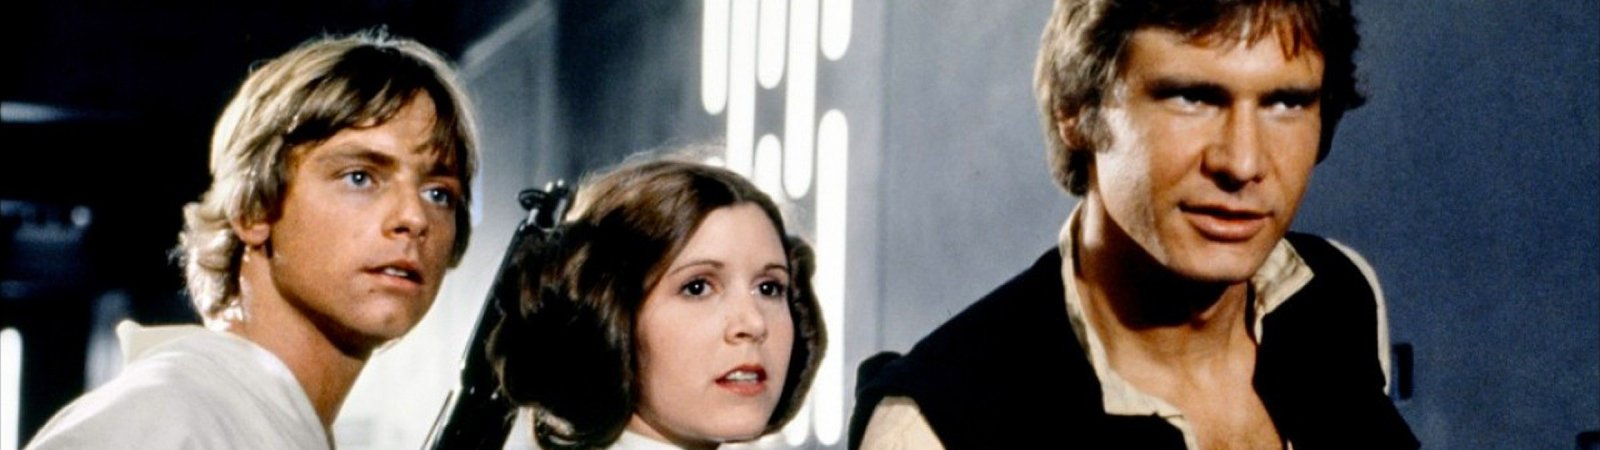 Photo du film : Star Wars : Episode IV - Un nouvel espoir